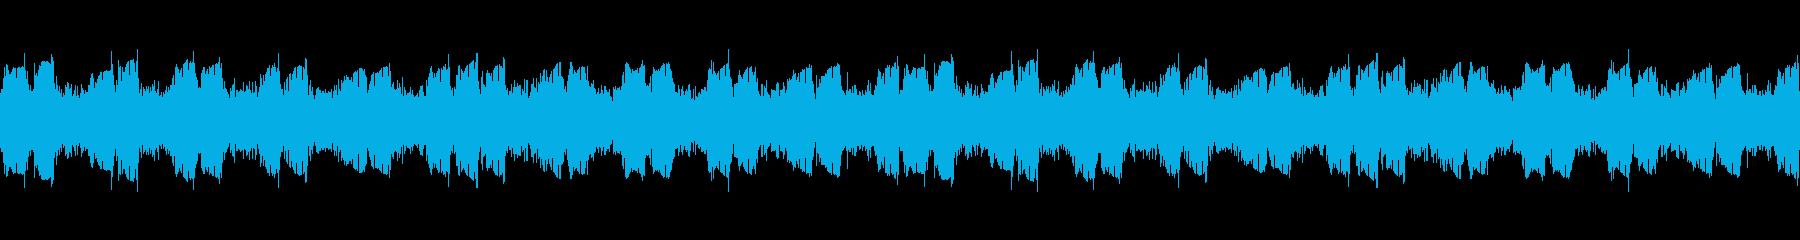 ヘビーギター2、BPM140、A、リフの再生済みの波形